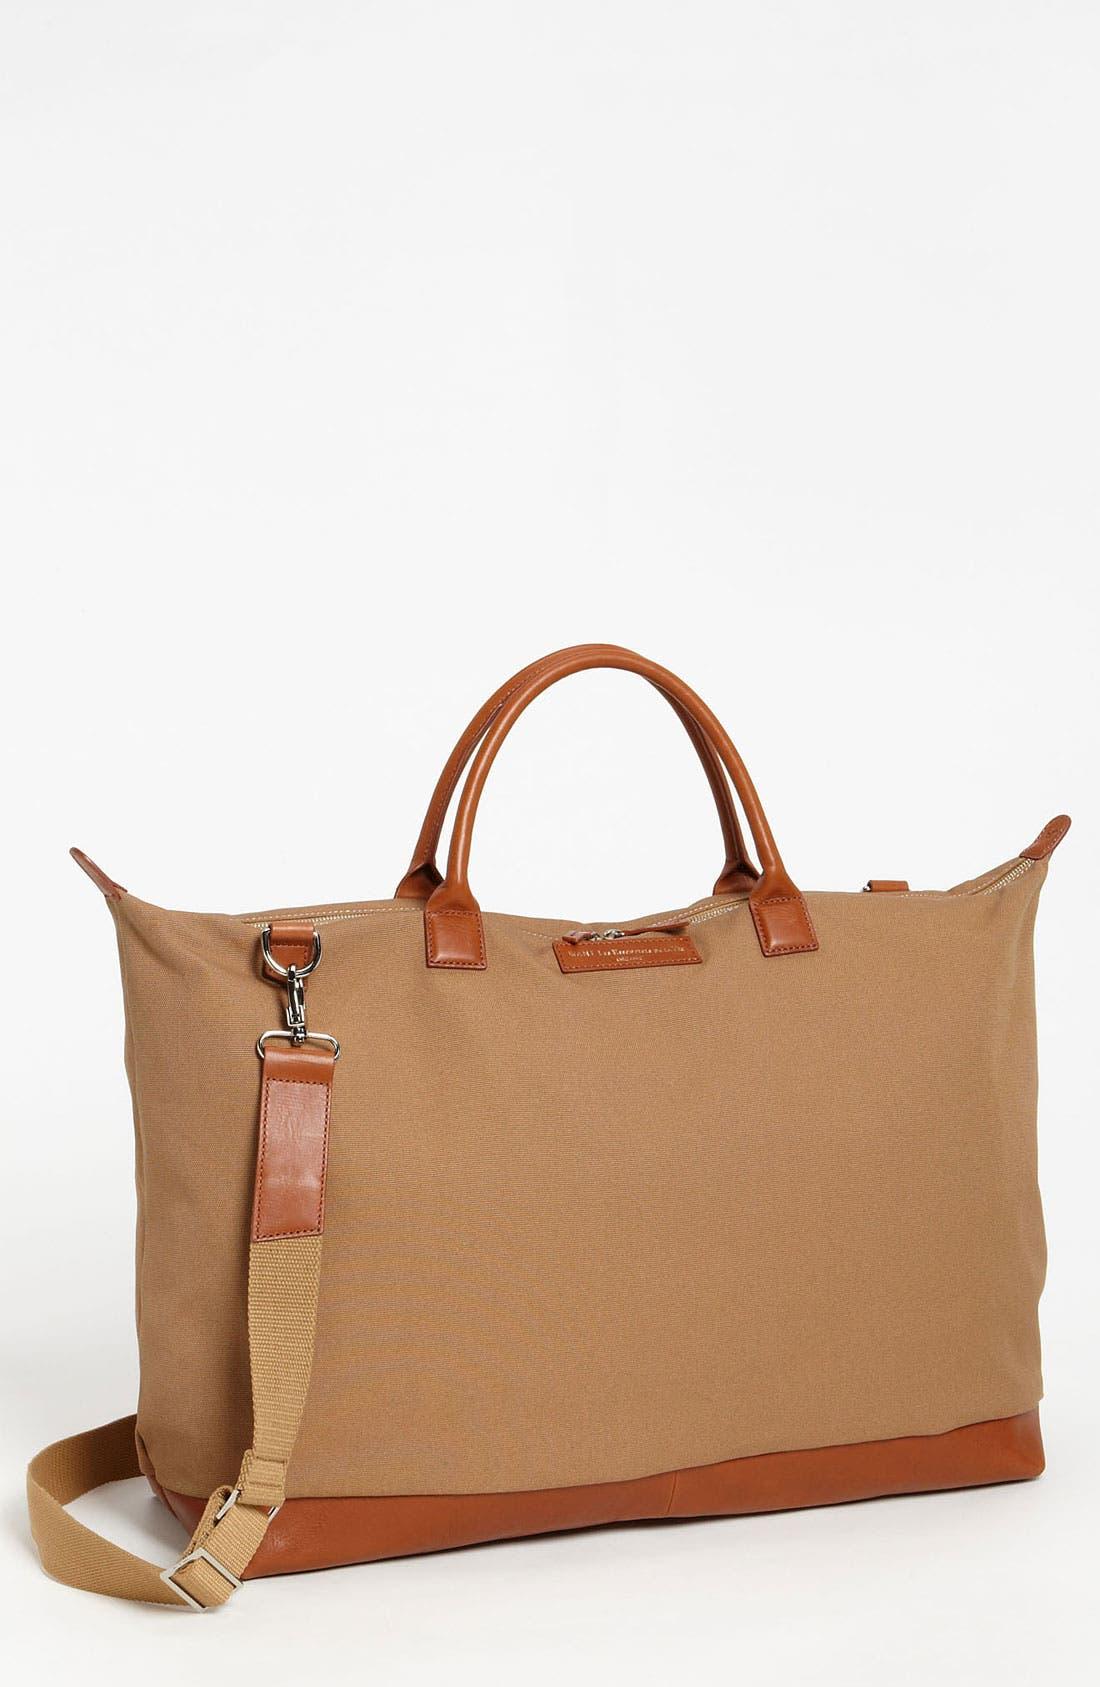 Alternate Image 1 Selected - WANT Les Essentiels de la Vie 'Hartsfield' Travel Tote Bag